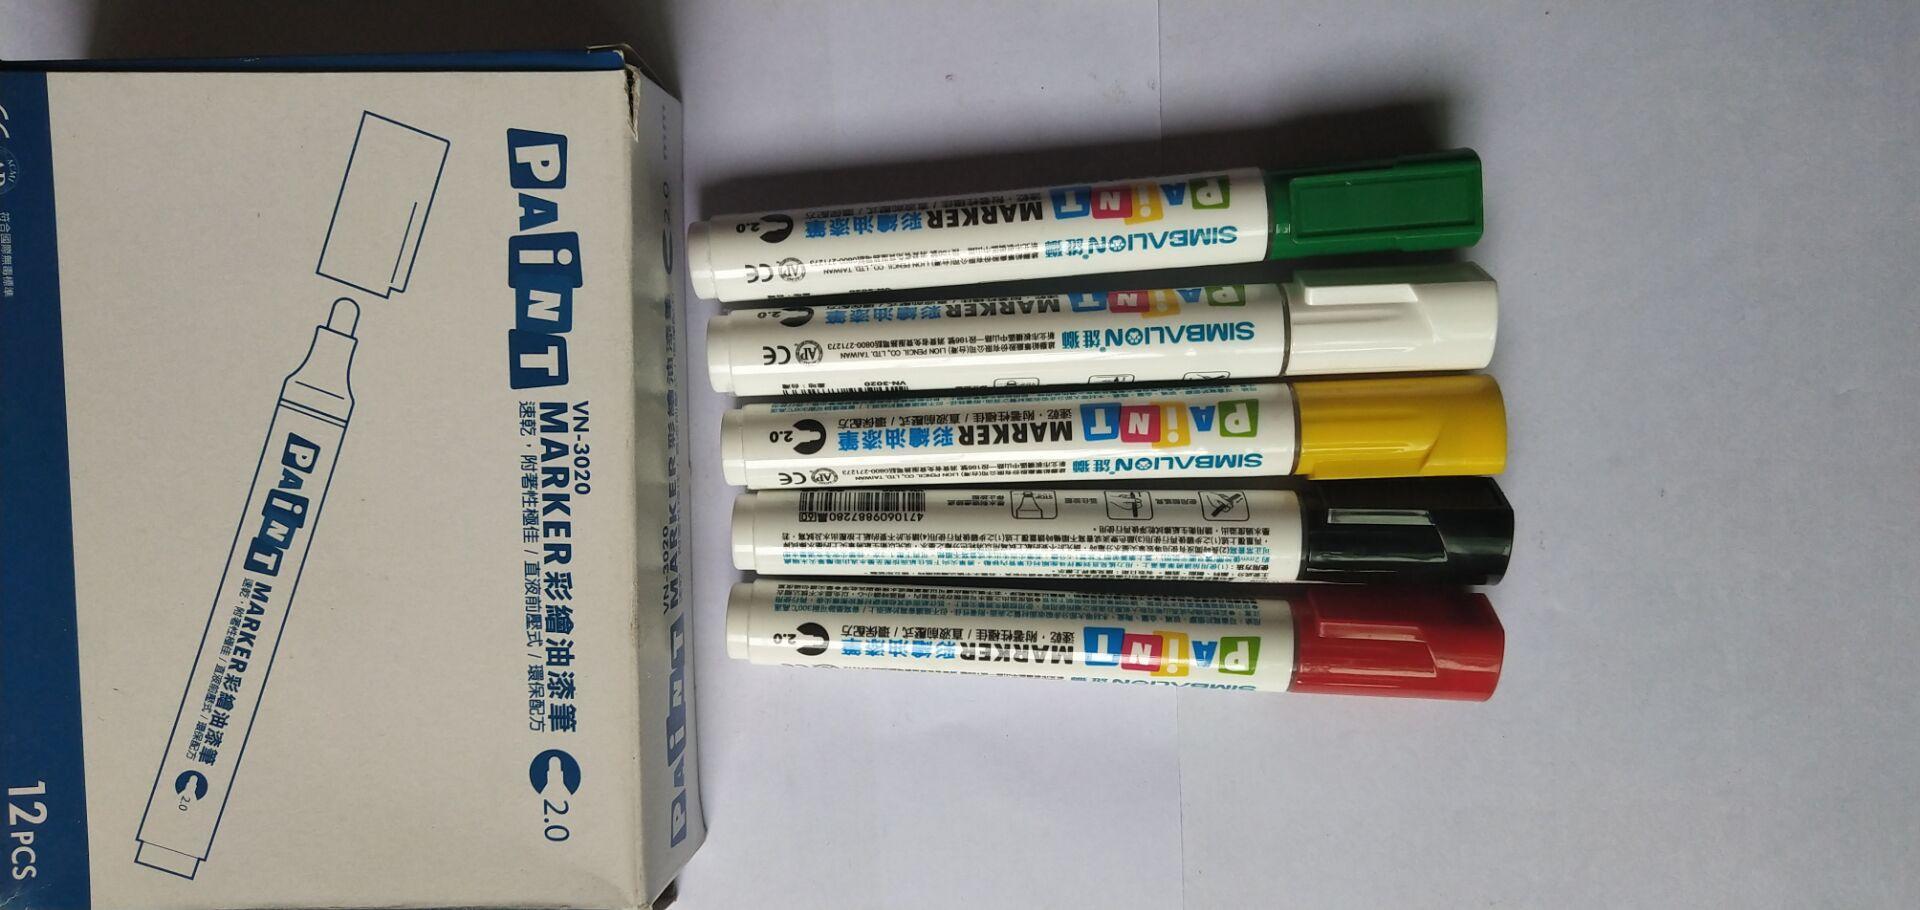 臺灣雄獅MARKER彩繪油漆筆(VN-3010)耐高溫 正品保証提供SGS 3